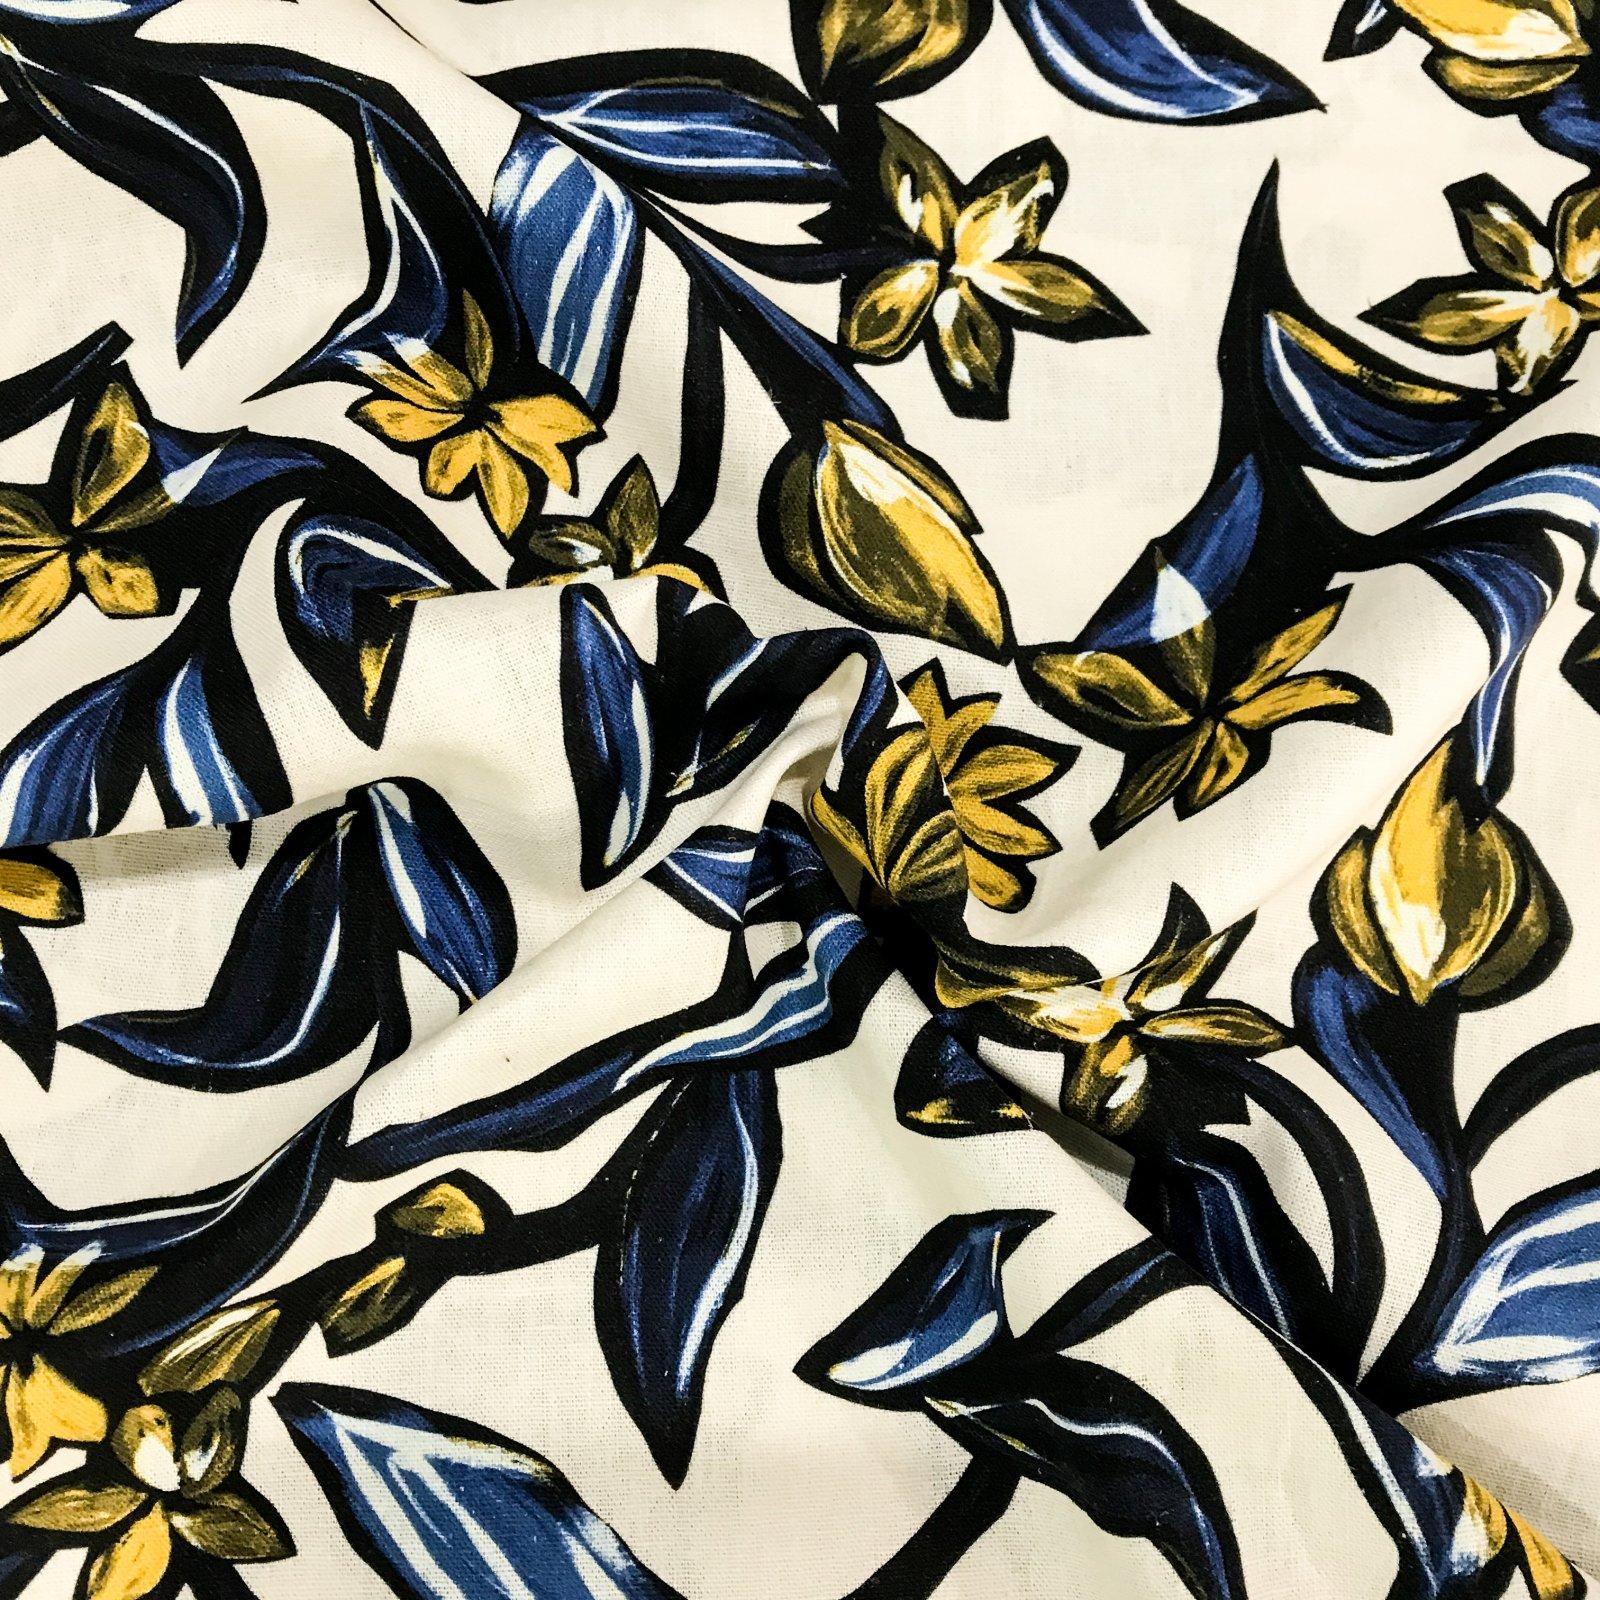 Lady McElroy - Viscose/Linen Blend - Dubai Floral